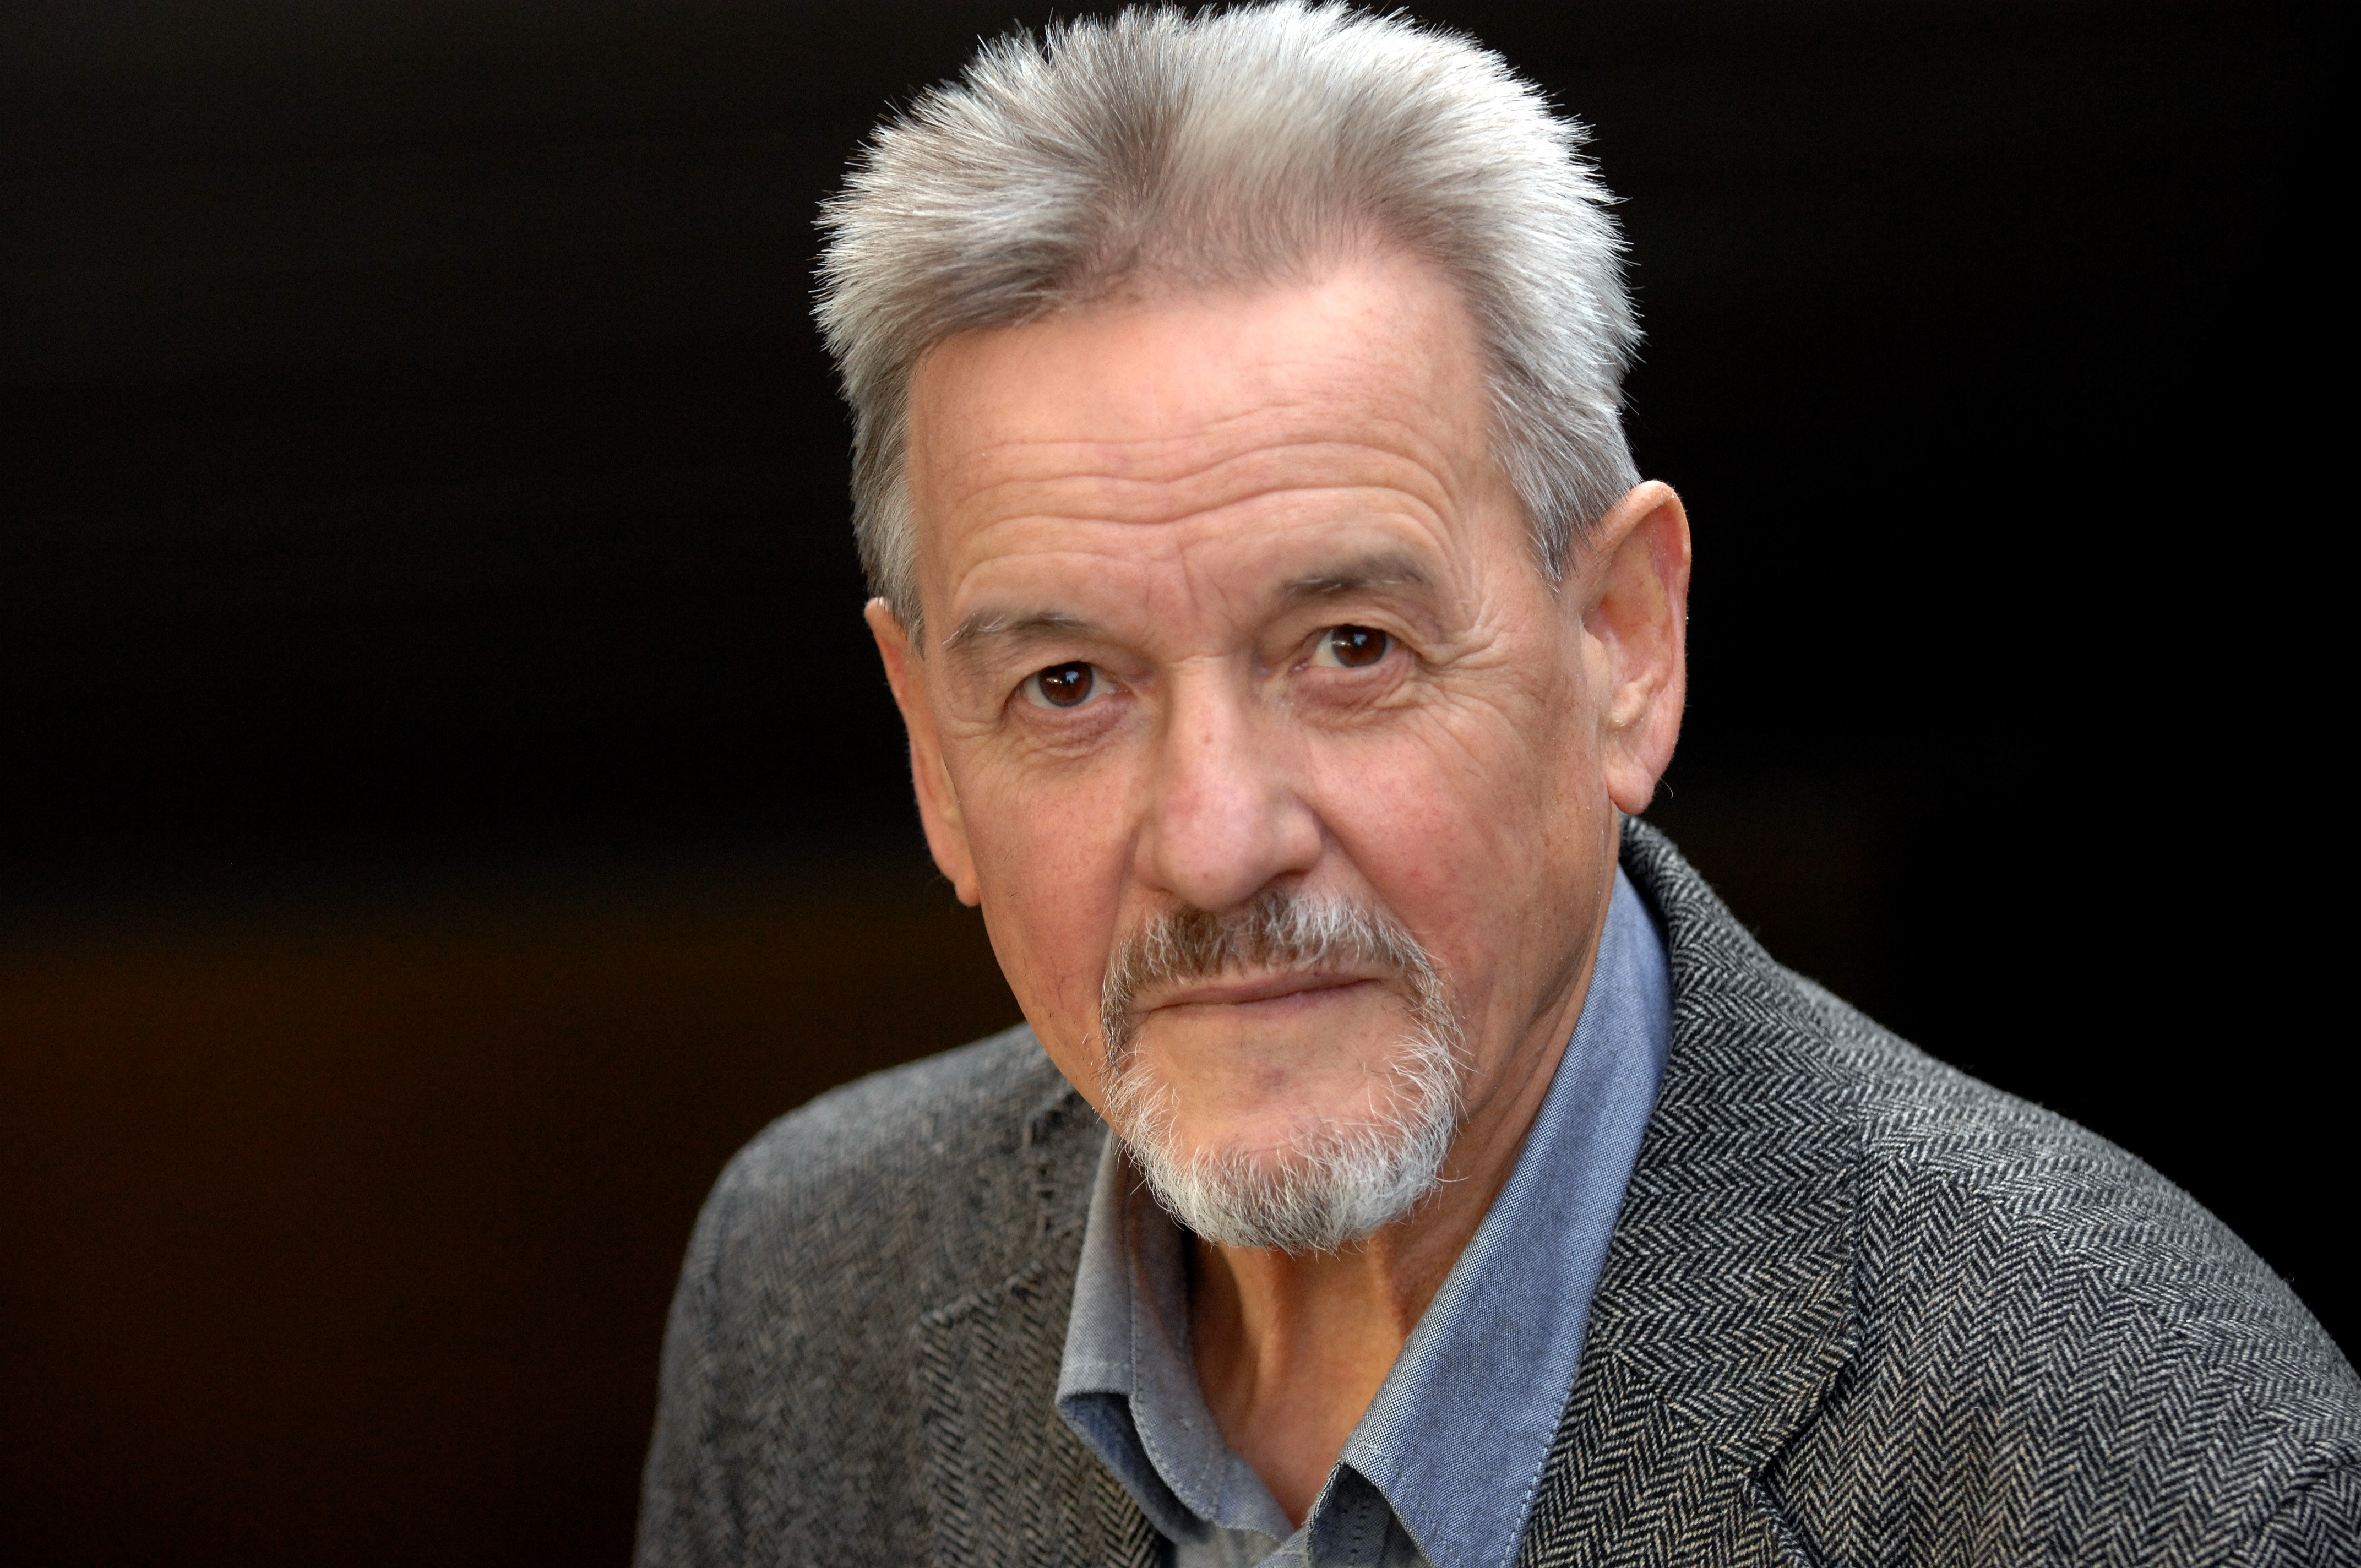 Dr. Karl Gebauer